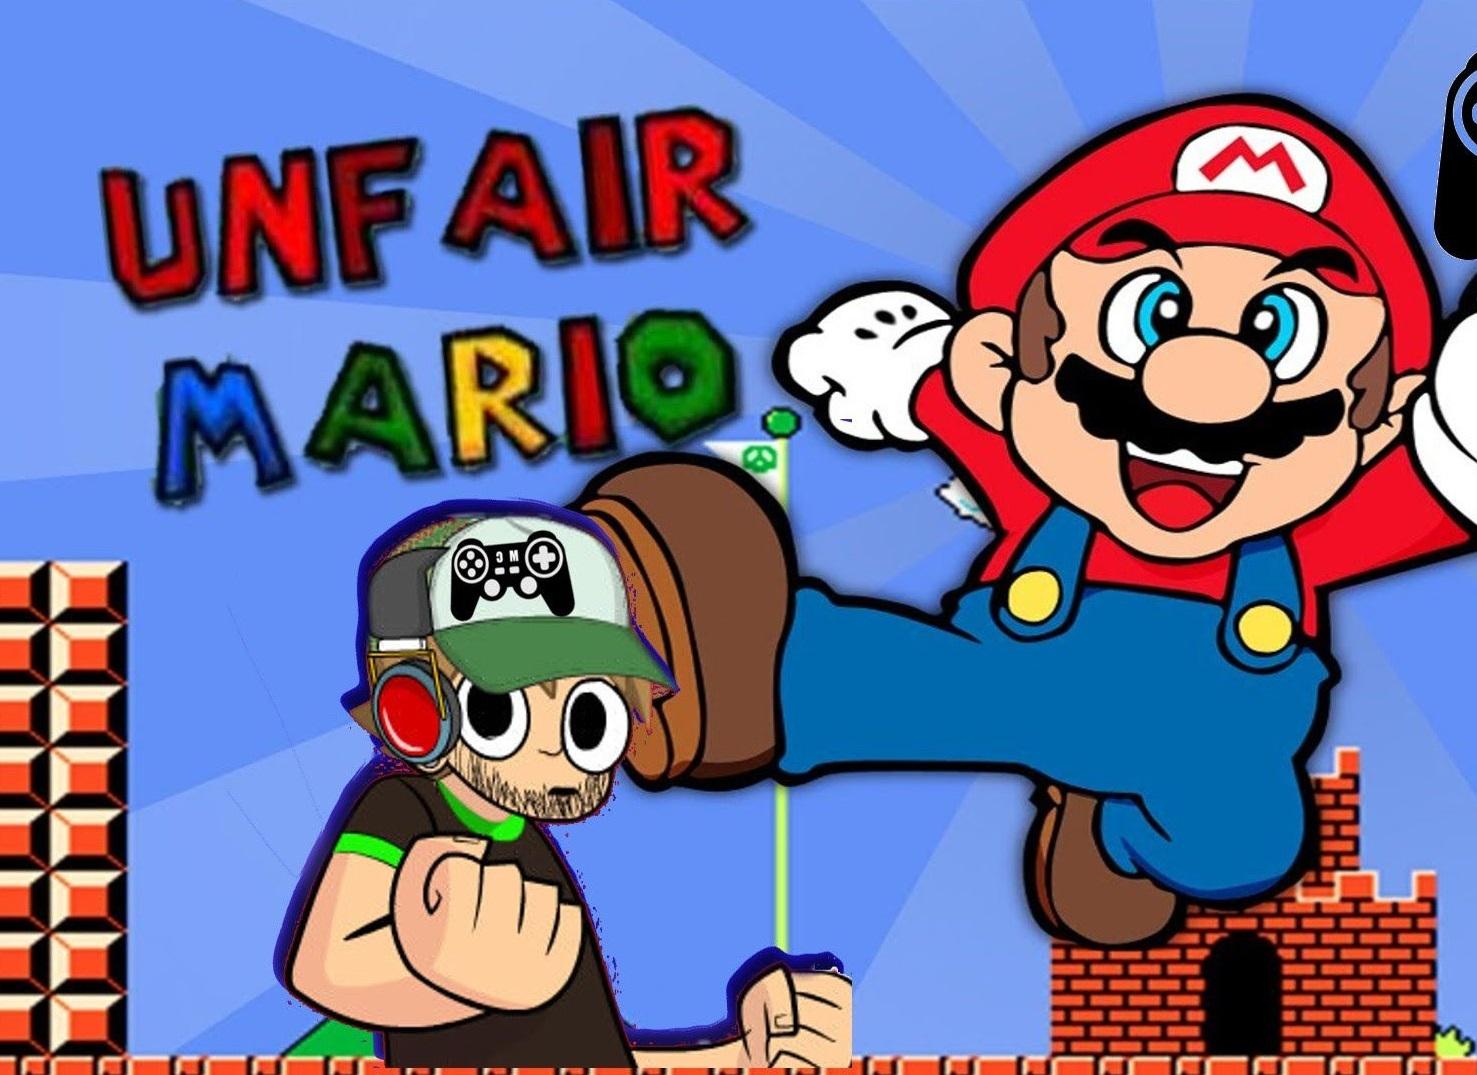 Unfair Mario Run